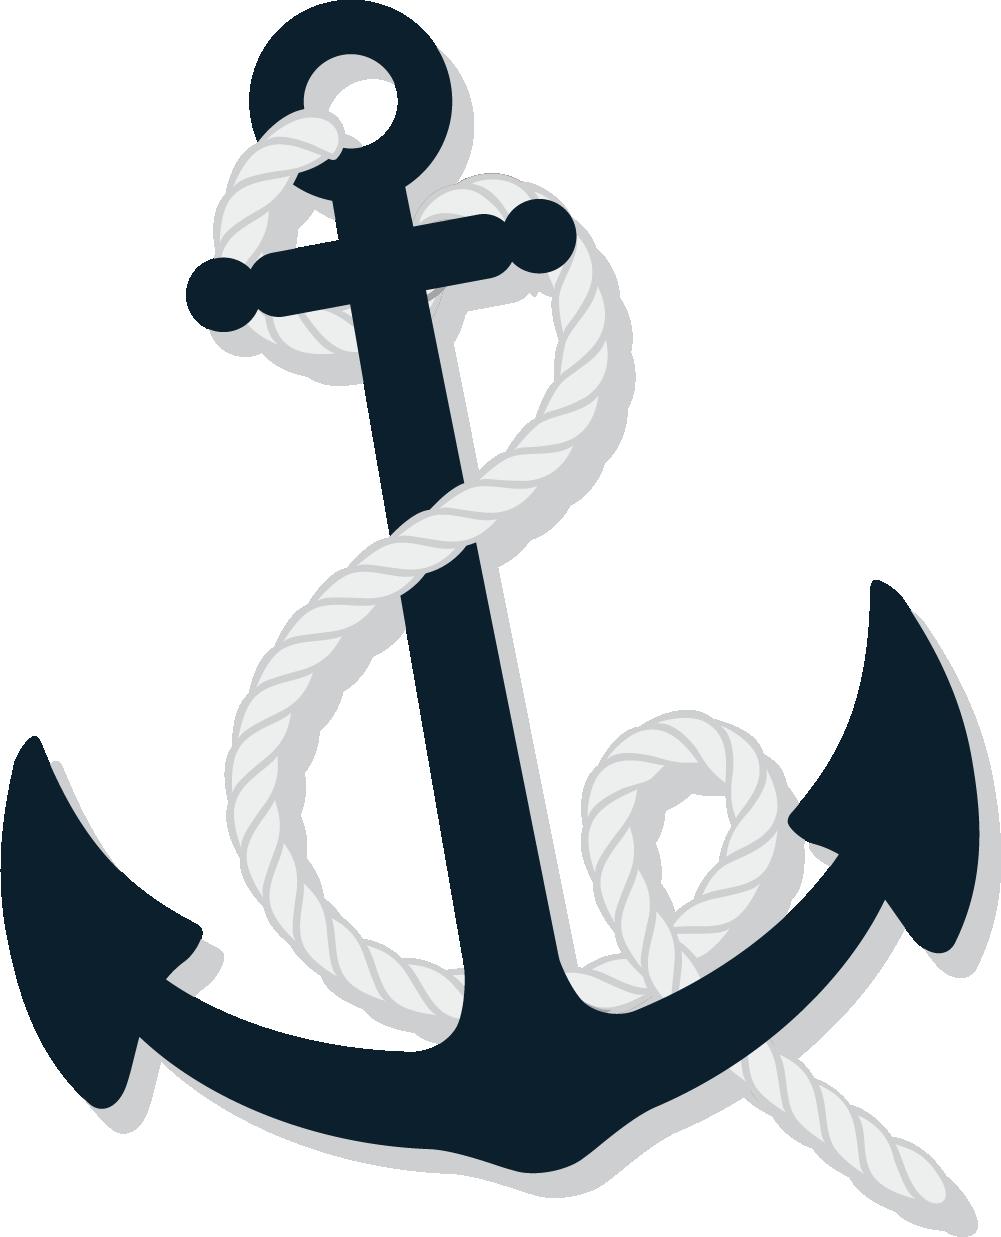 Clipart anchor simple anchor, Clipart anchor simple anchor.